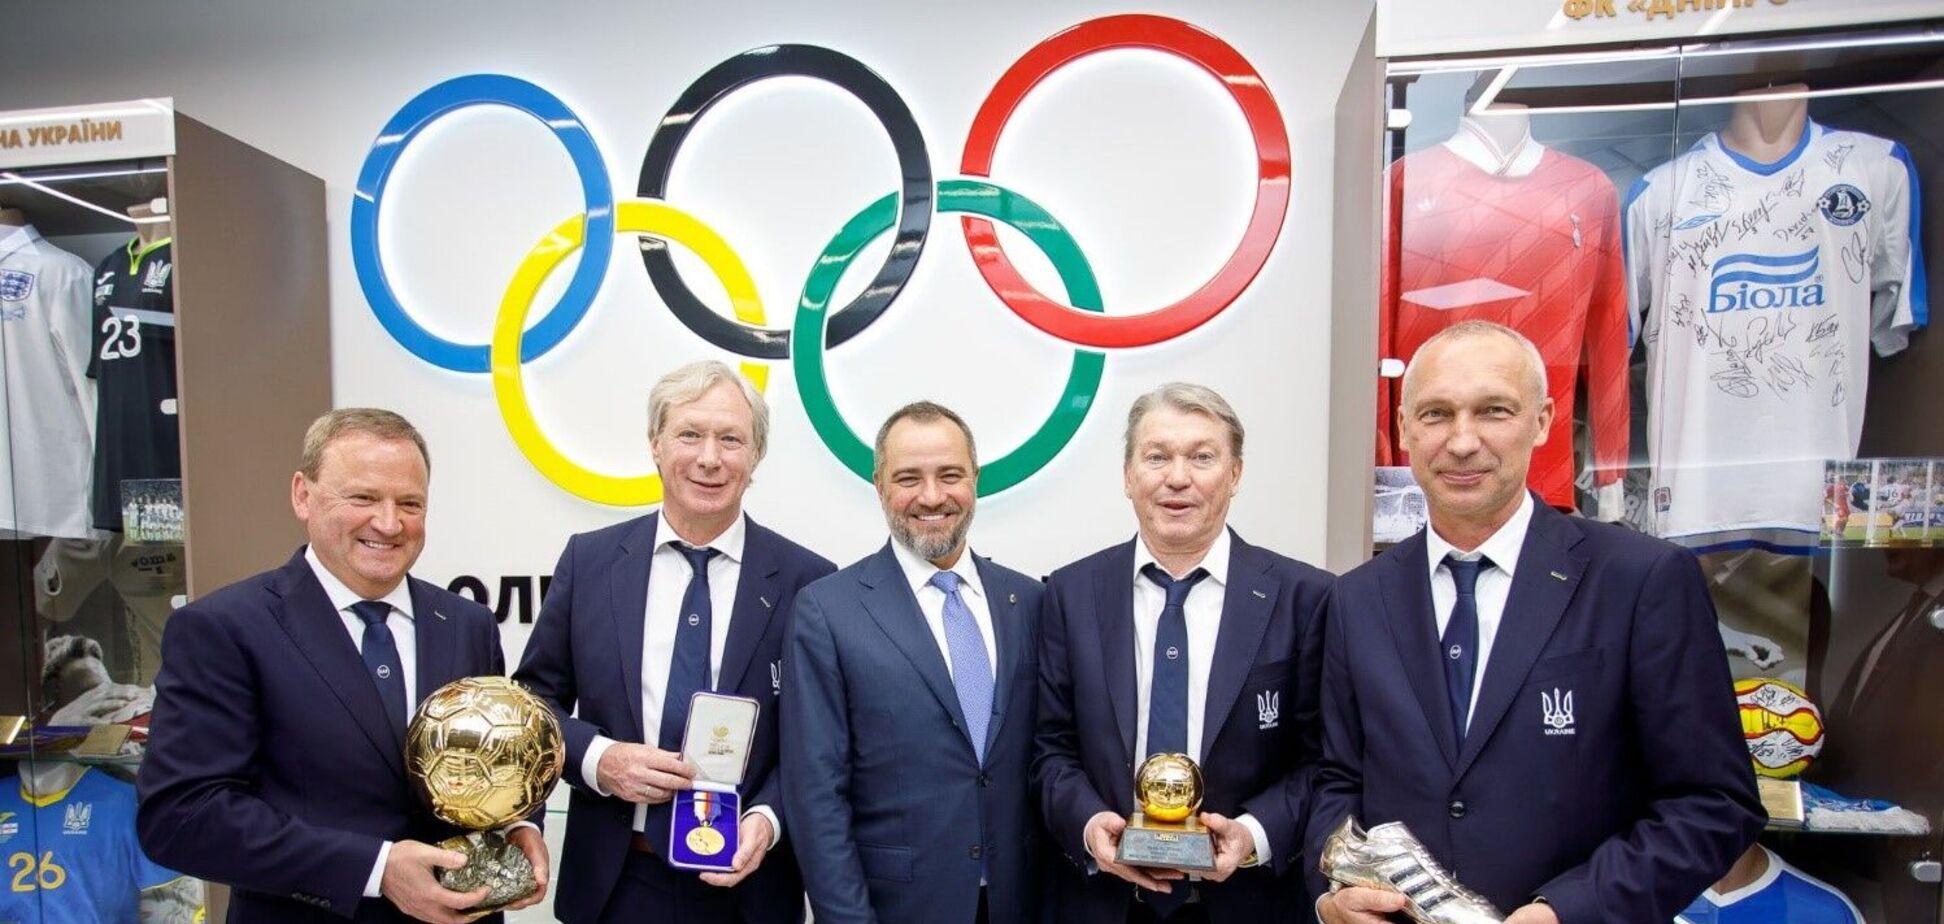 В Днепре по программе 'Большая стройка' открыли Олимпийский дом